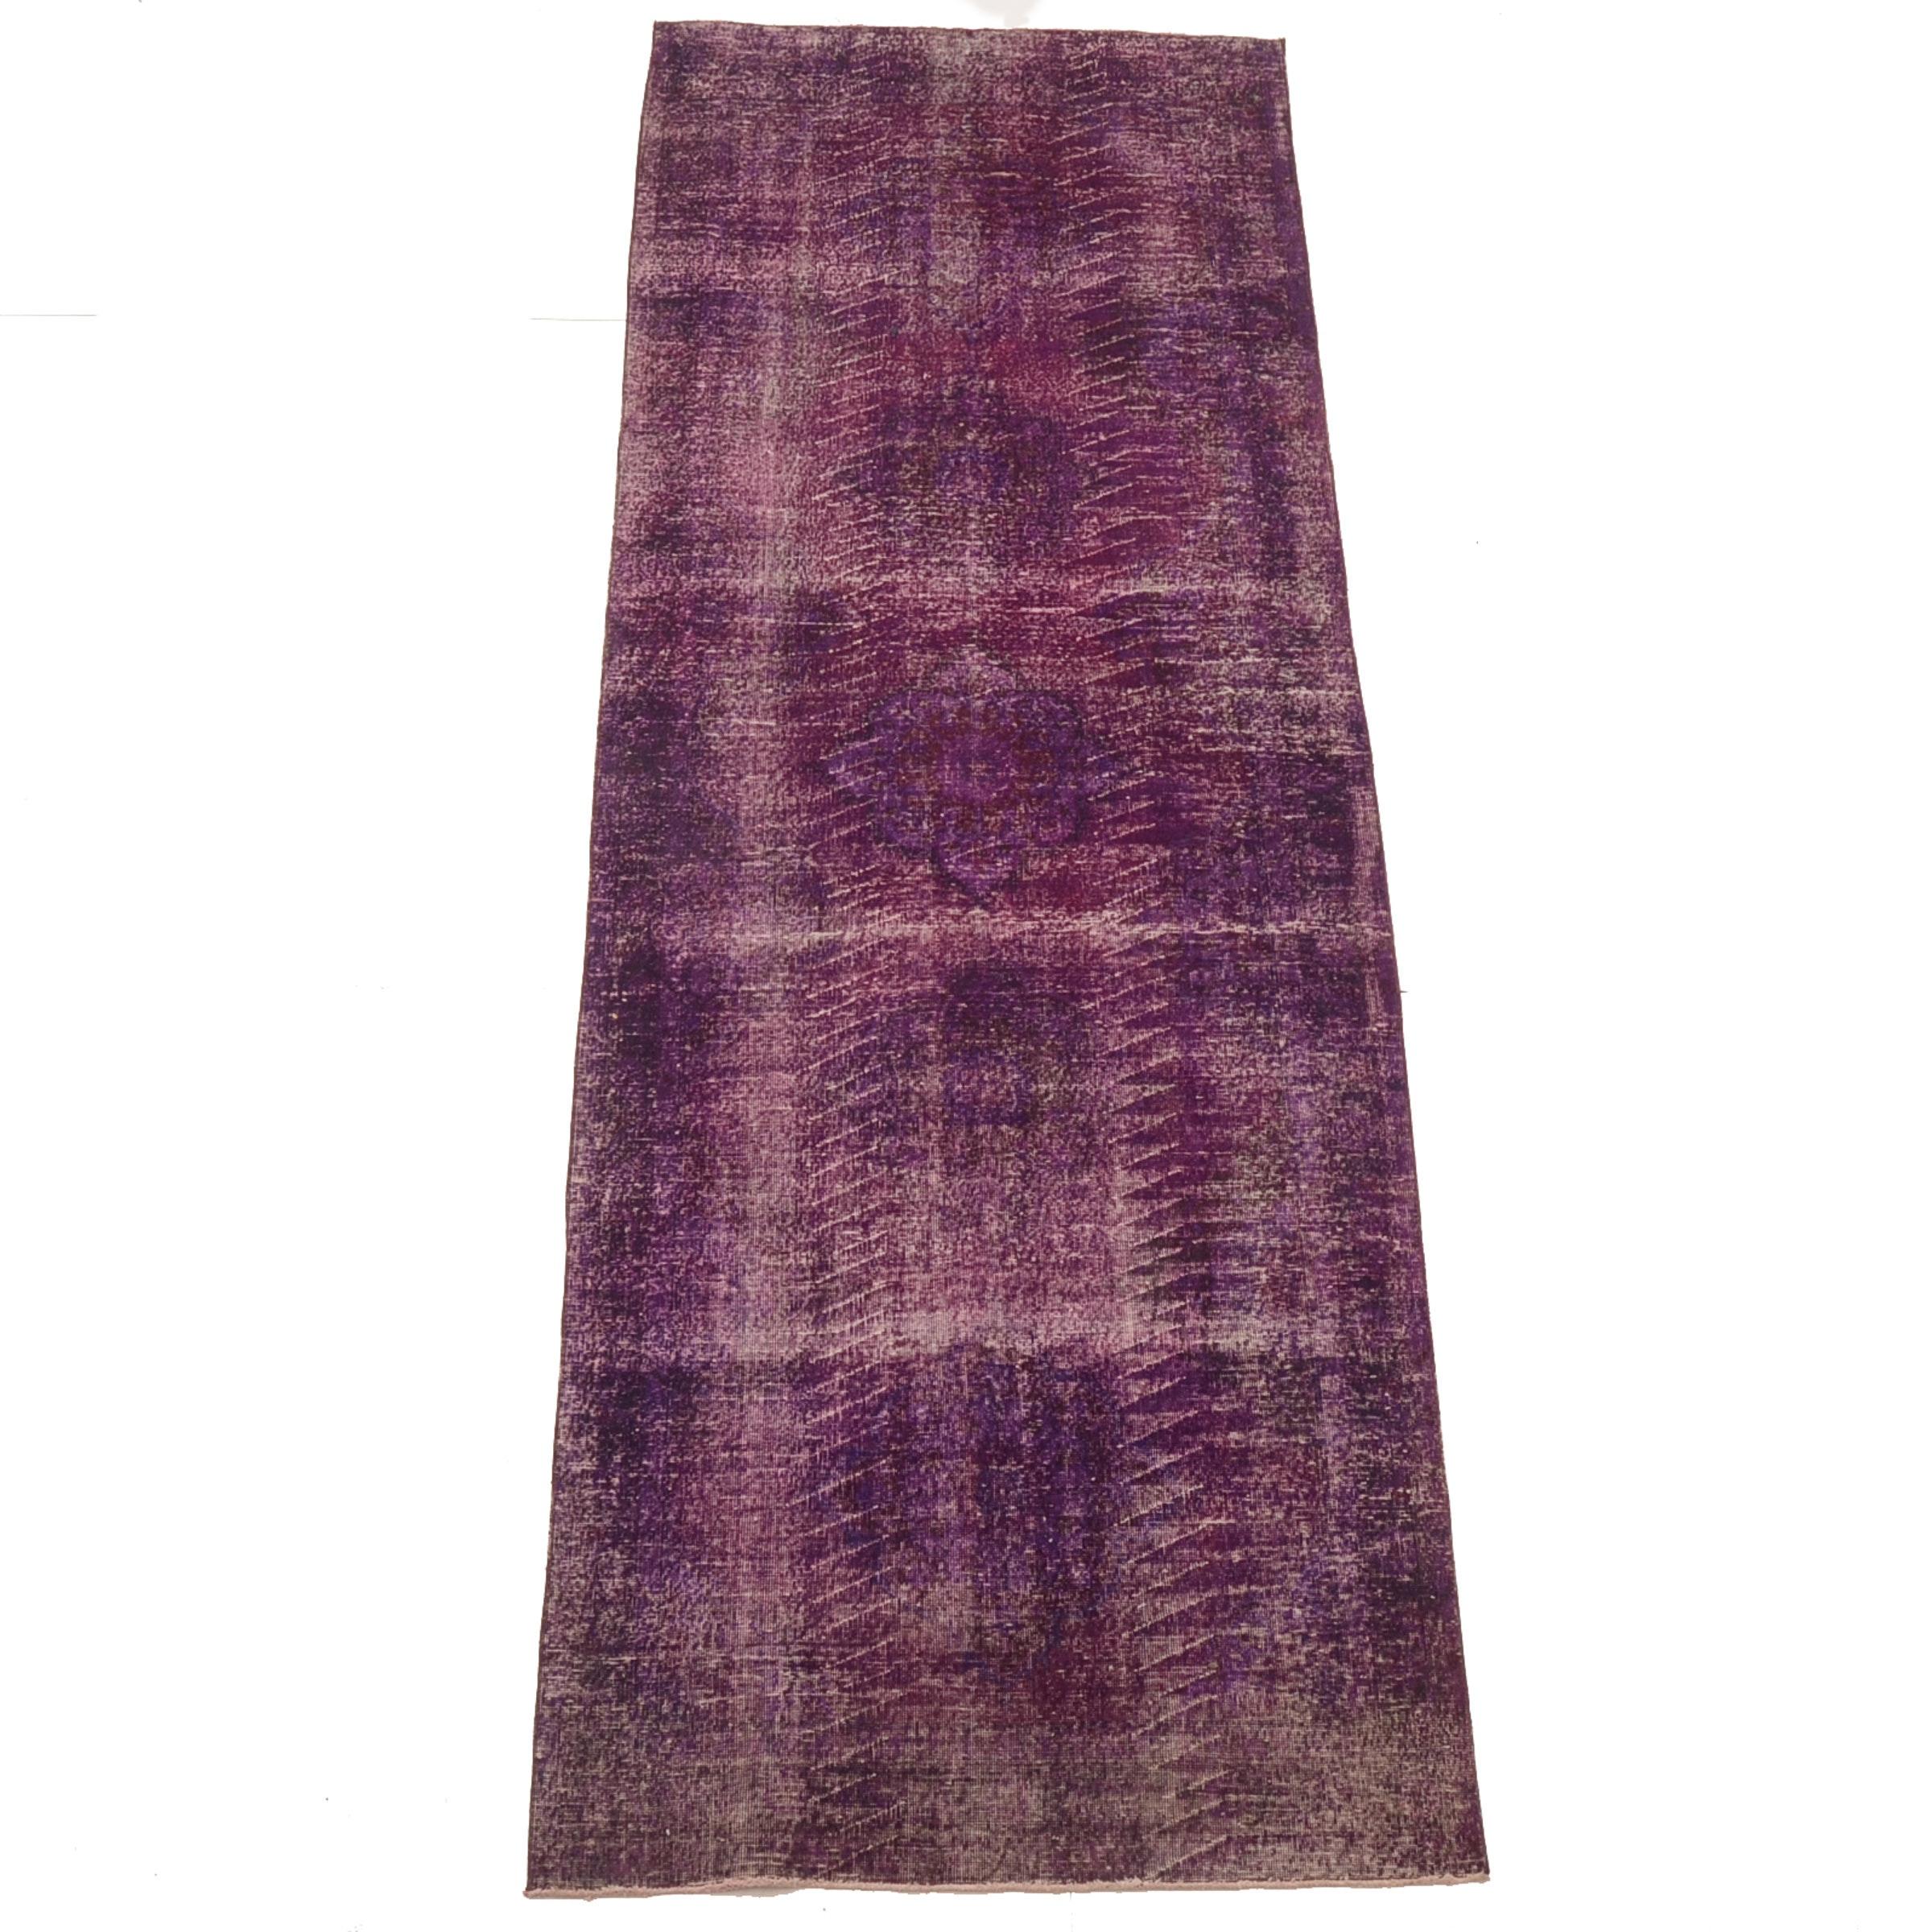 Vintage Turkish Area Rug in Purple